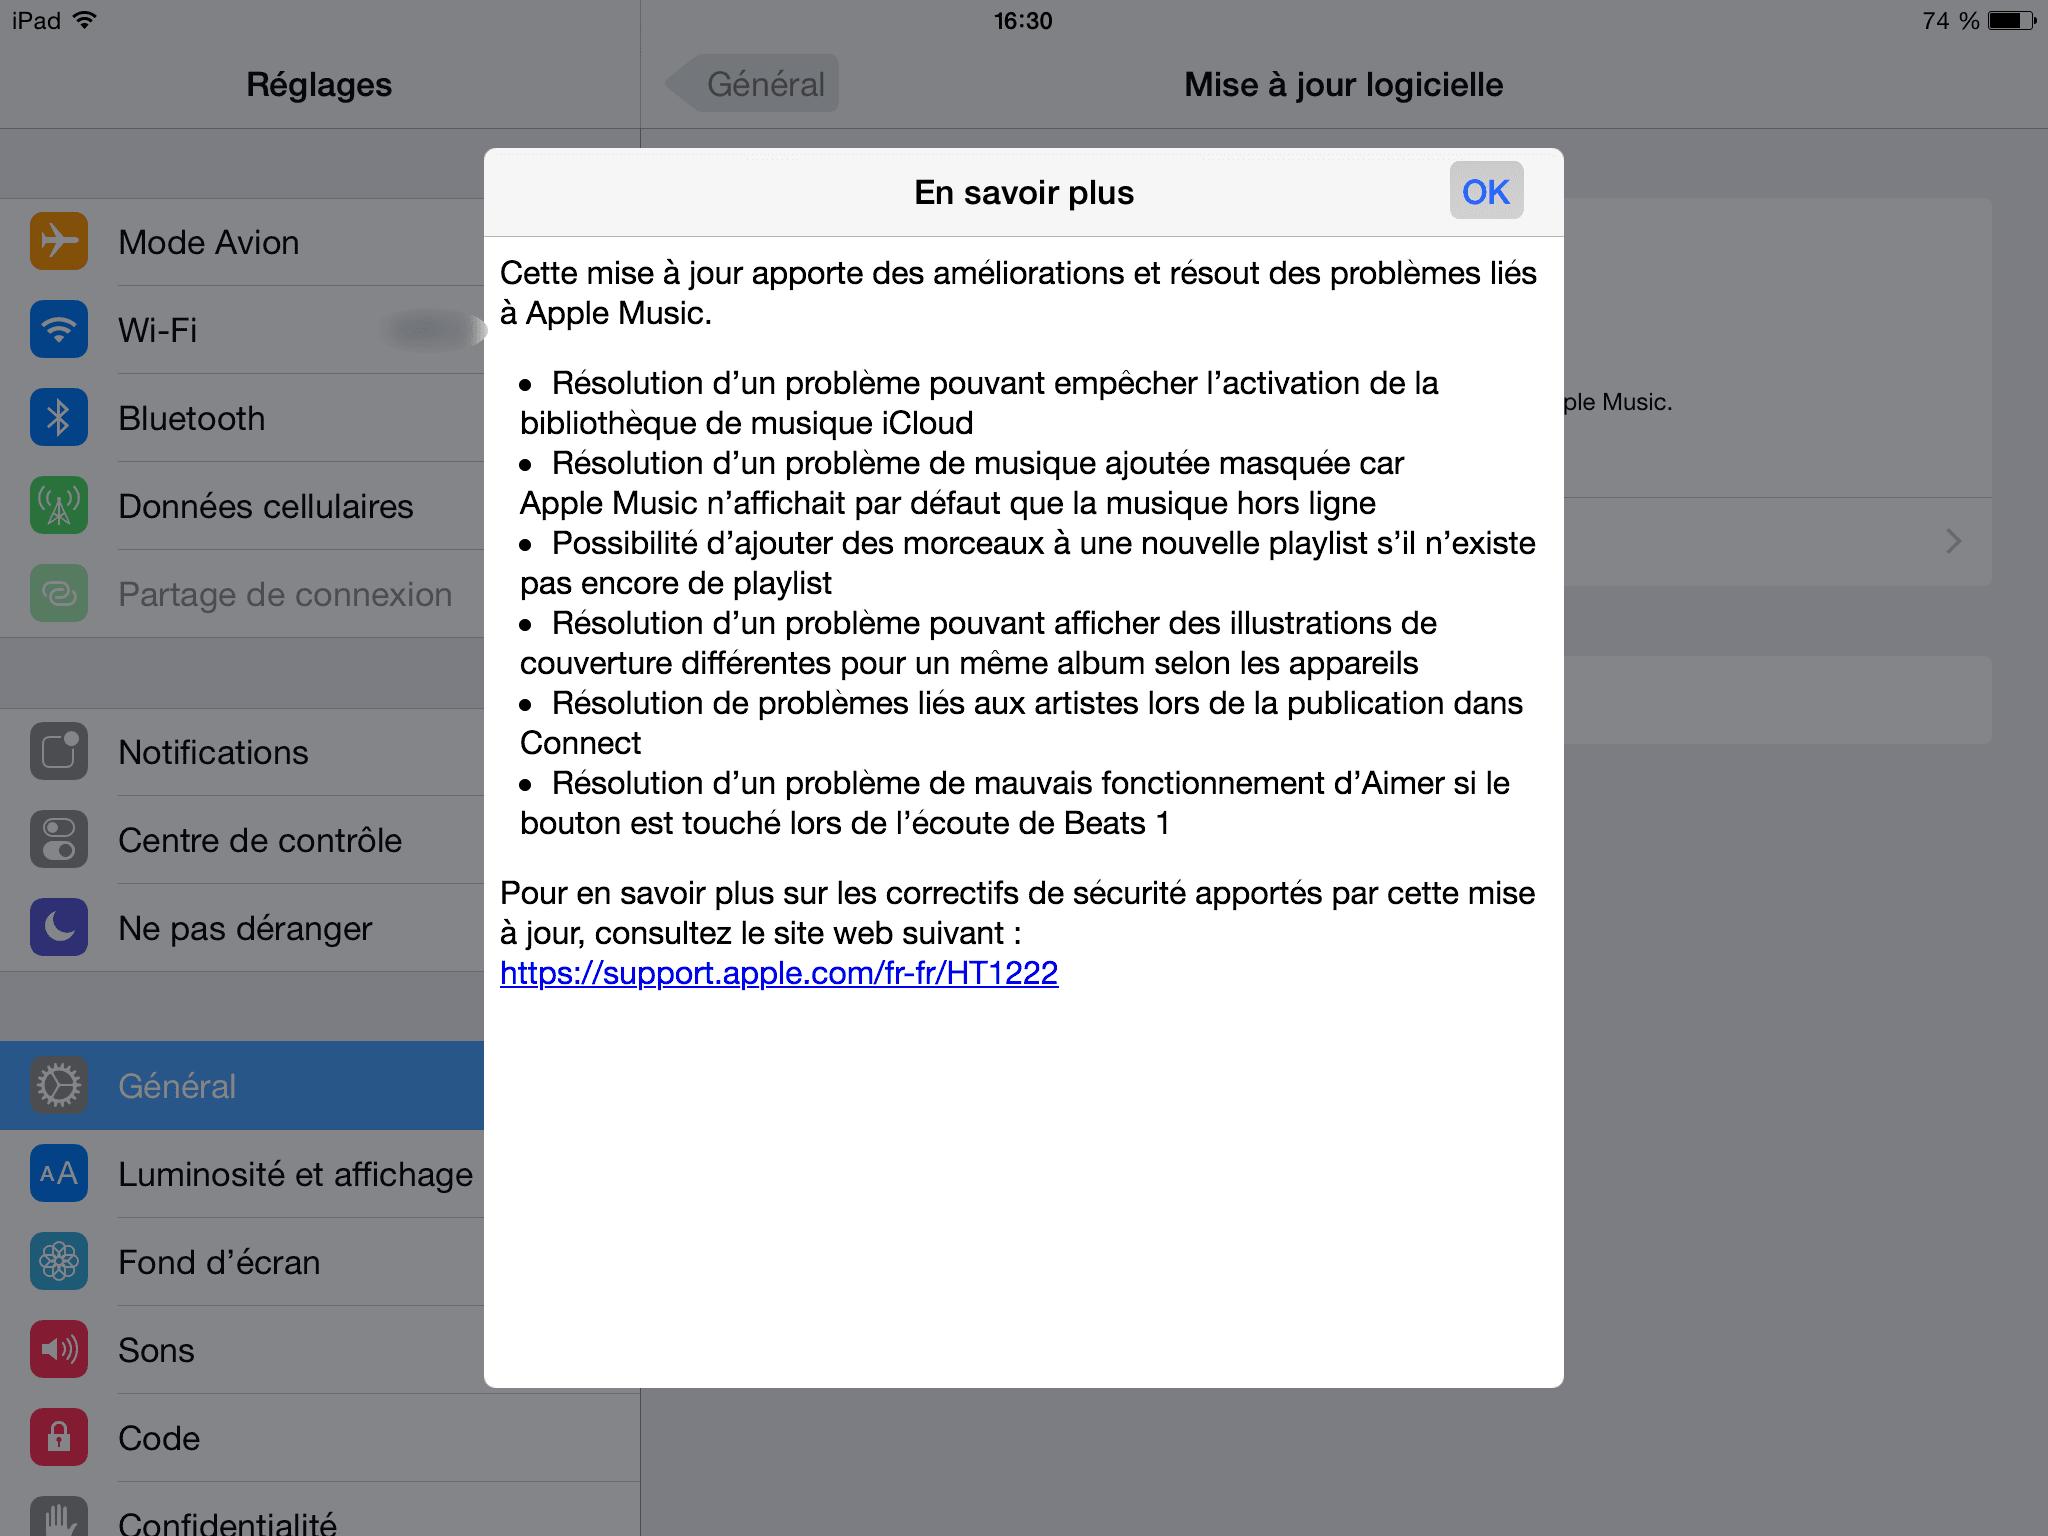 Actualización: Mac OS X Yosemite 10.10.5 e iOS 8.4.1